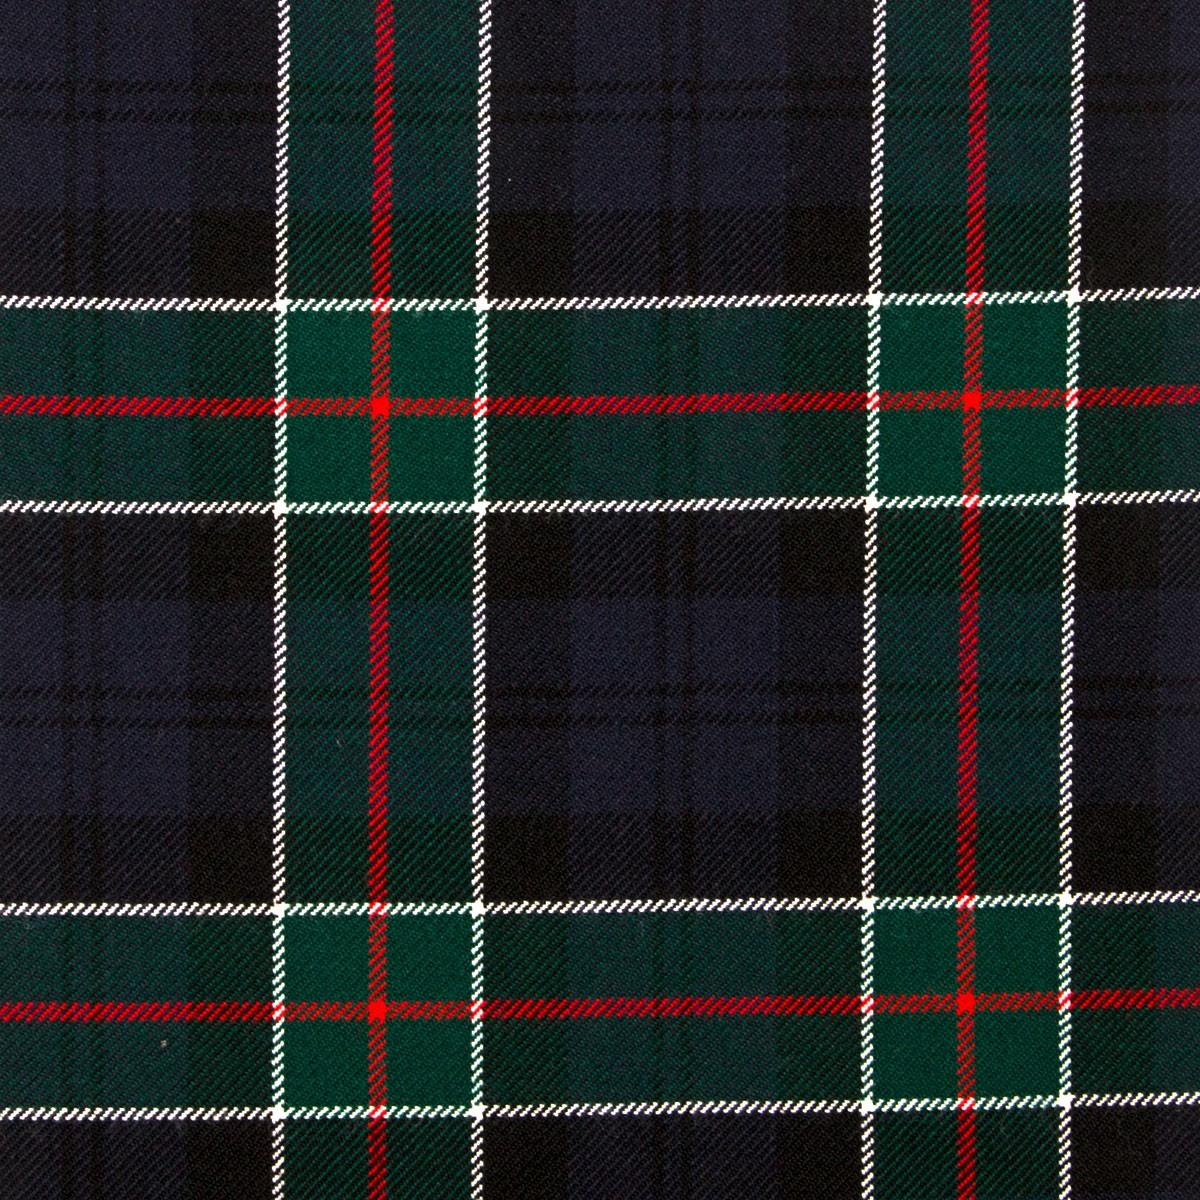 Colquhoun Modern Heavy Weight Tartan Fabric-Front